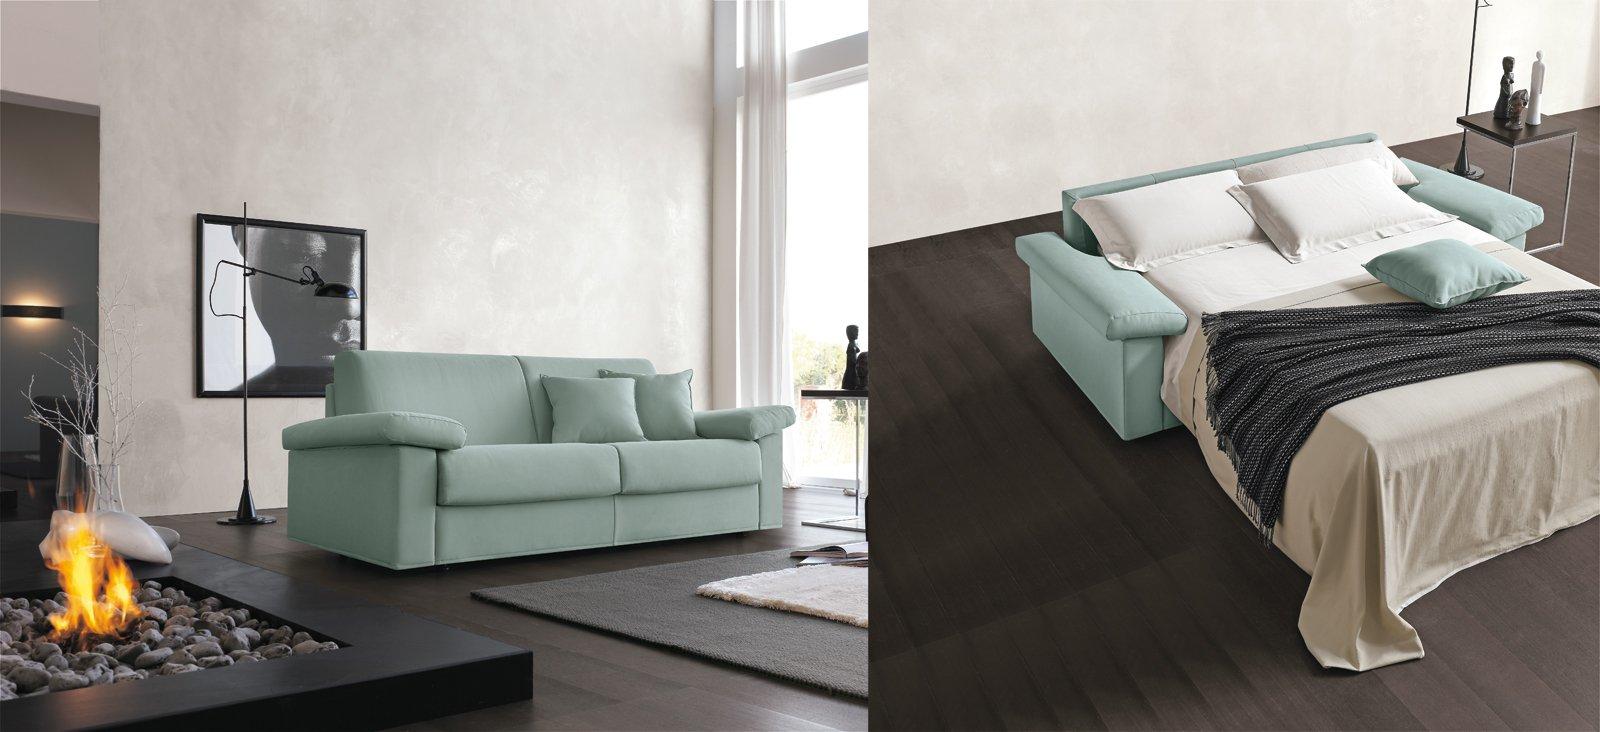 Divani letto per risparmiare spazio cose di casa - Divano letto uso quotidiano ...